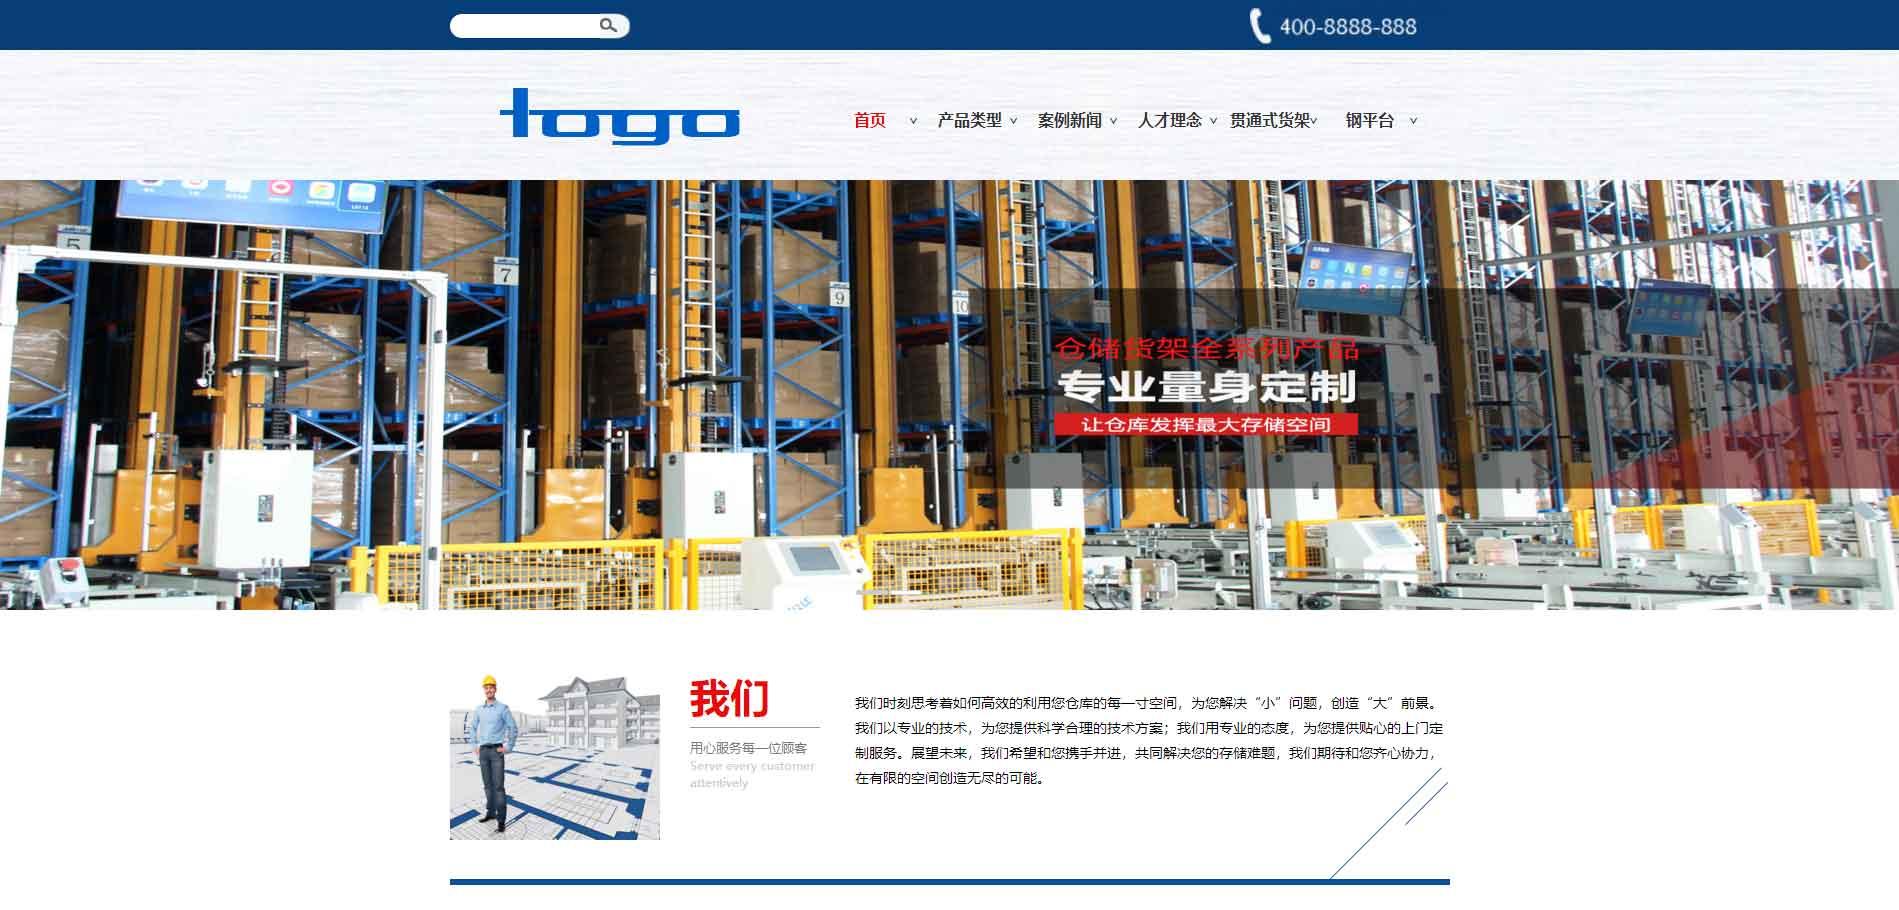 货架行业网站